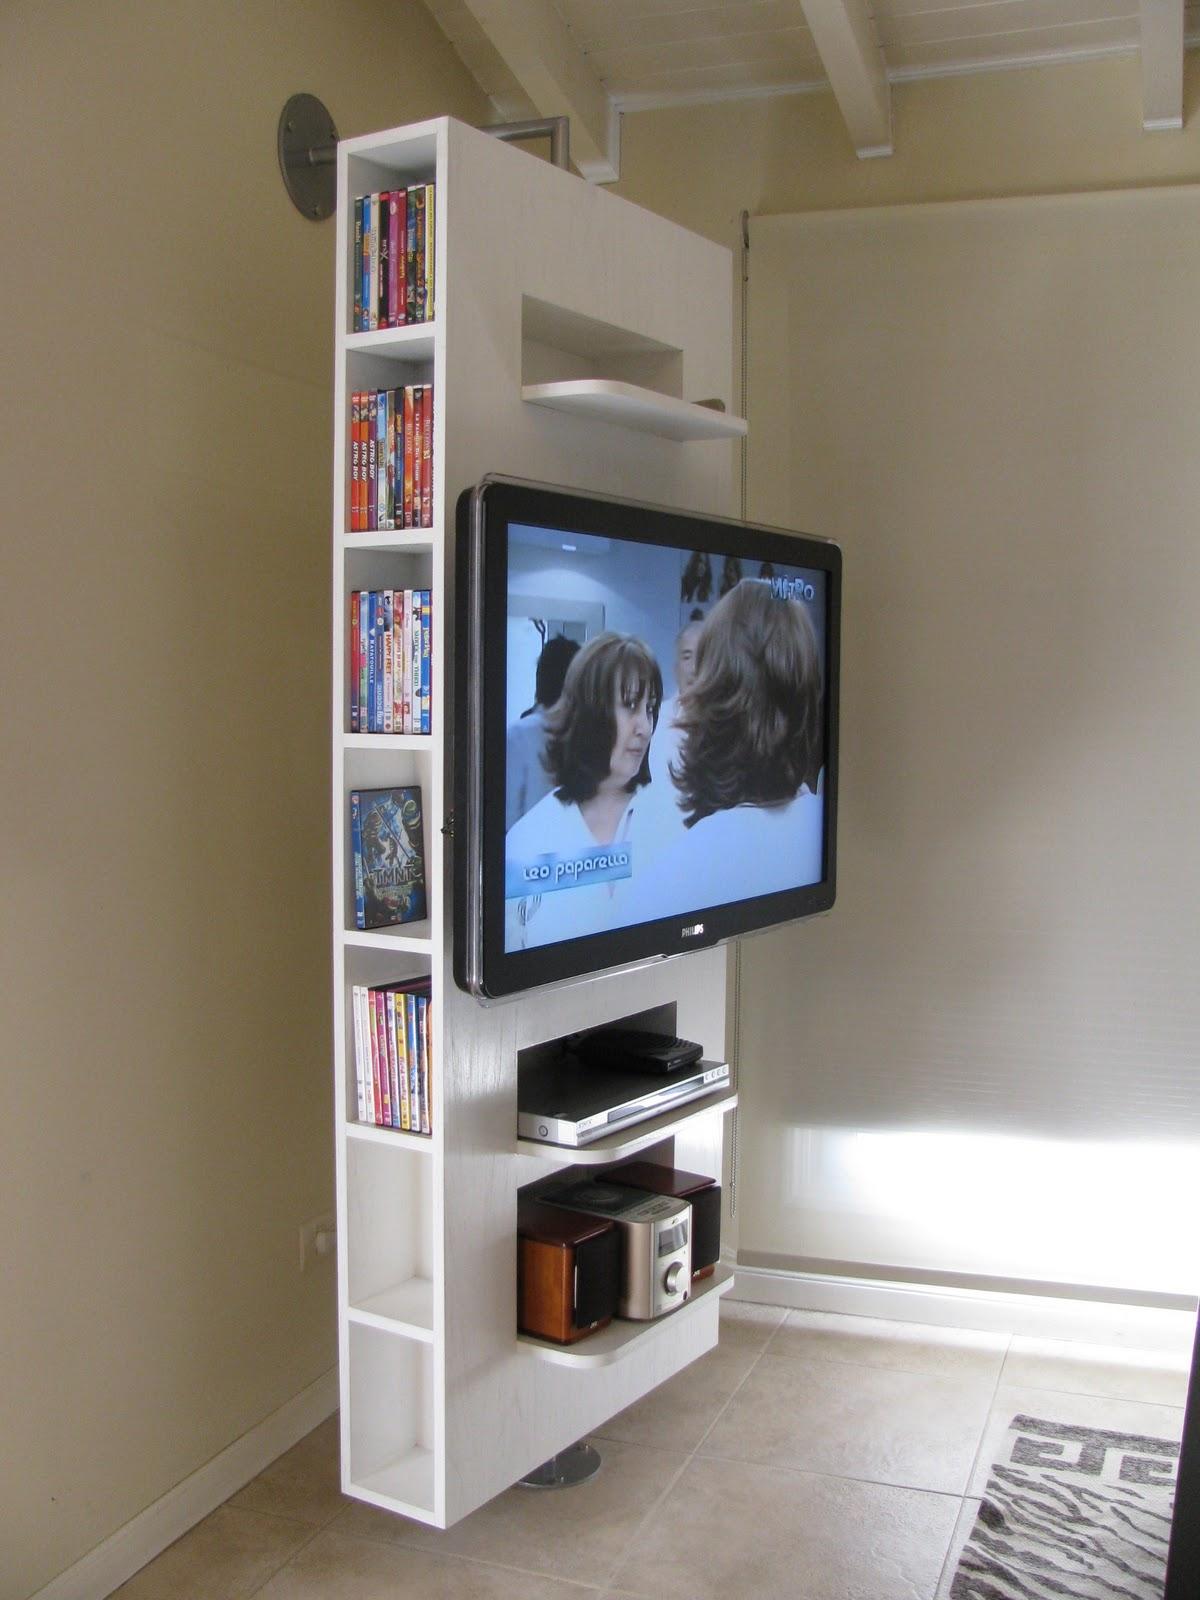 G soportes design mueble giratorio for Mueble giratorio 08